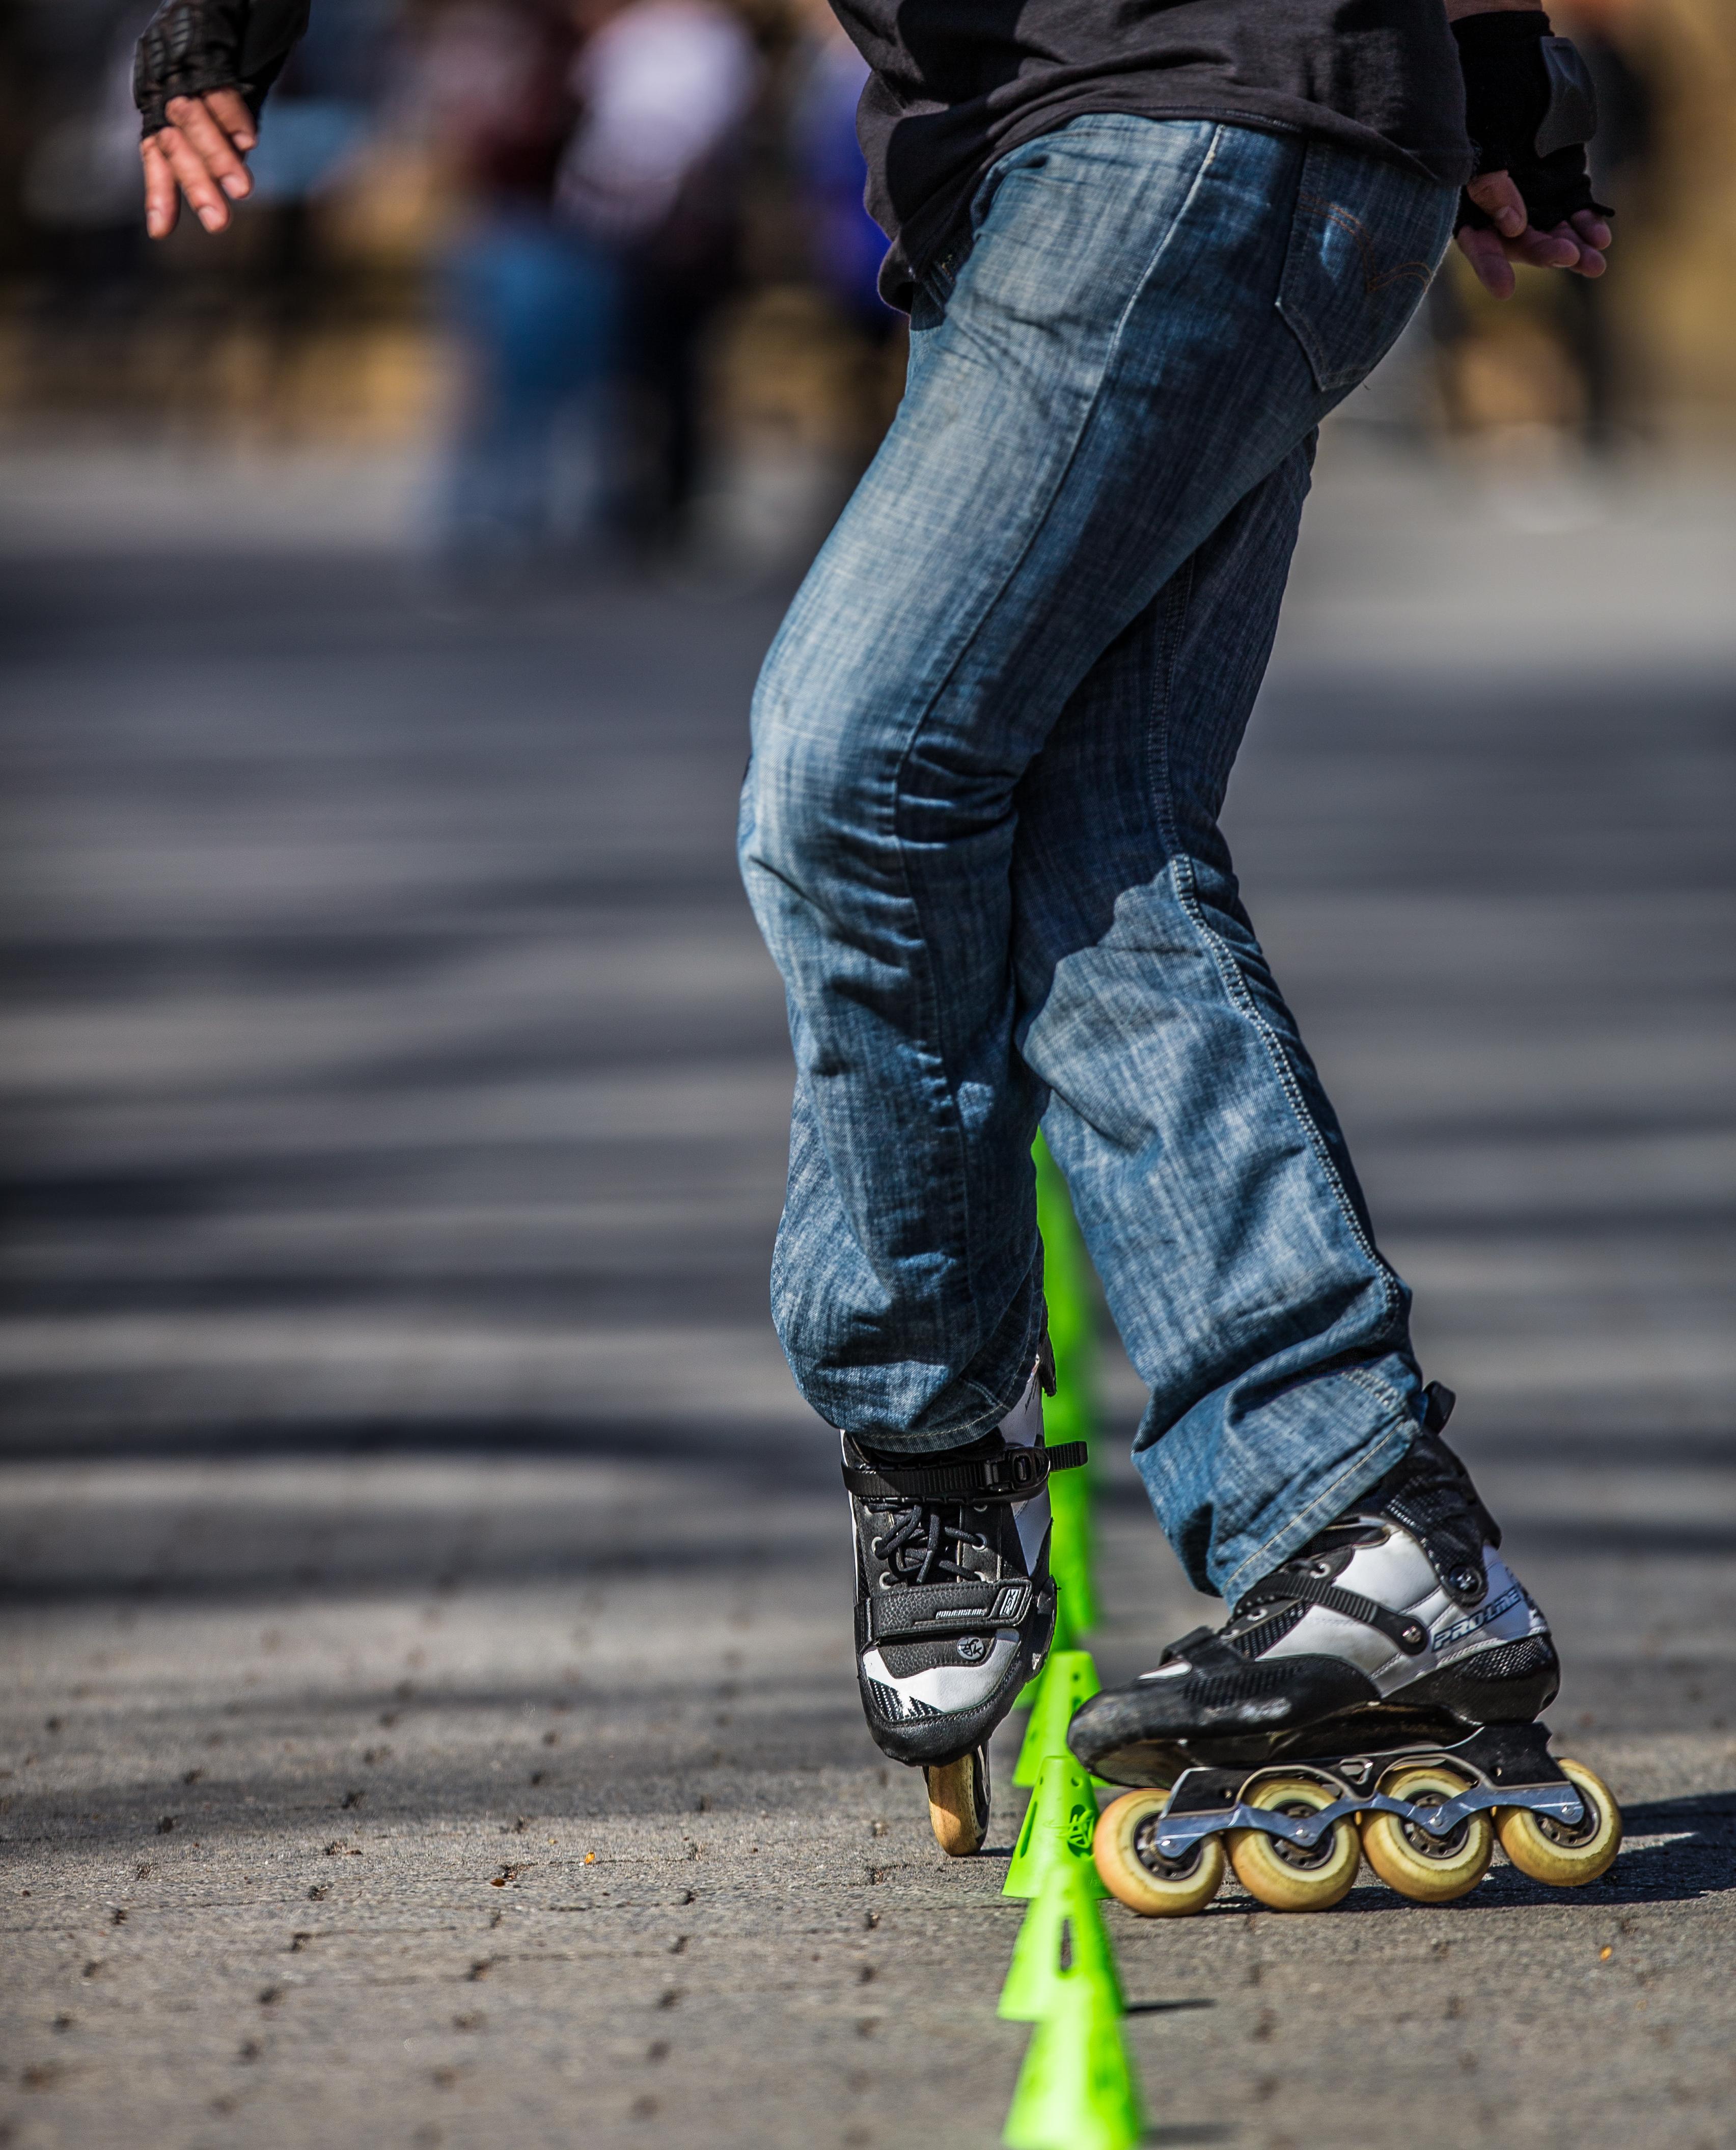 NYC Skater in Central Park